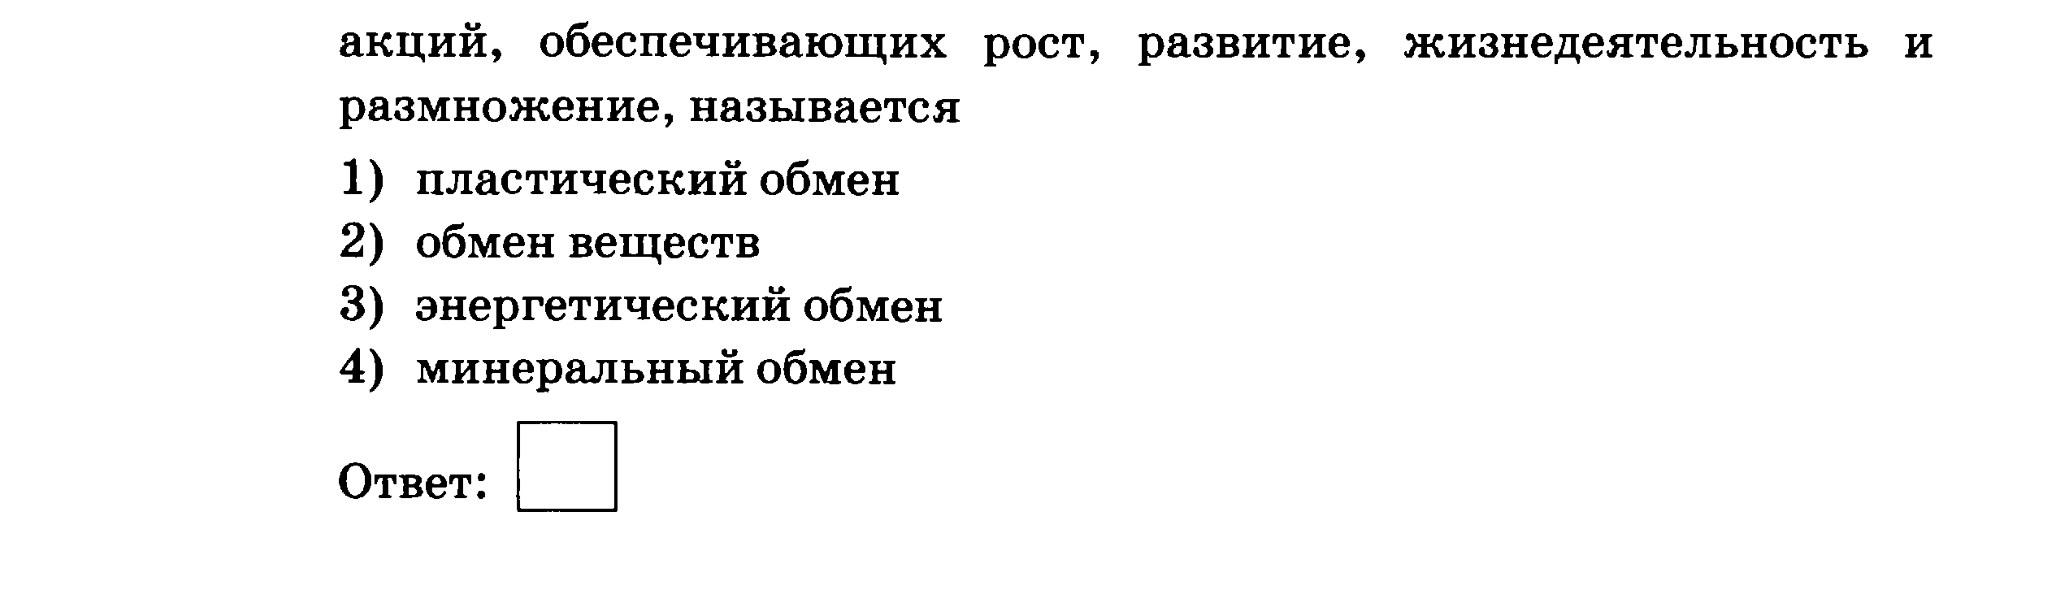 hello_html_m1abe50a9.jpg